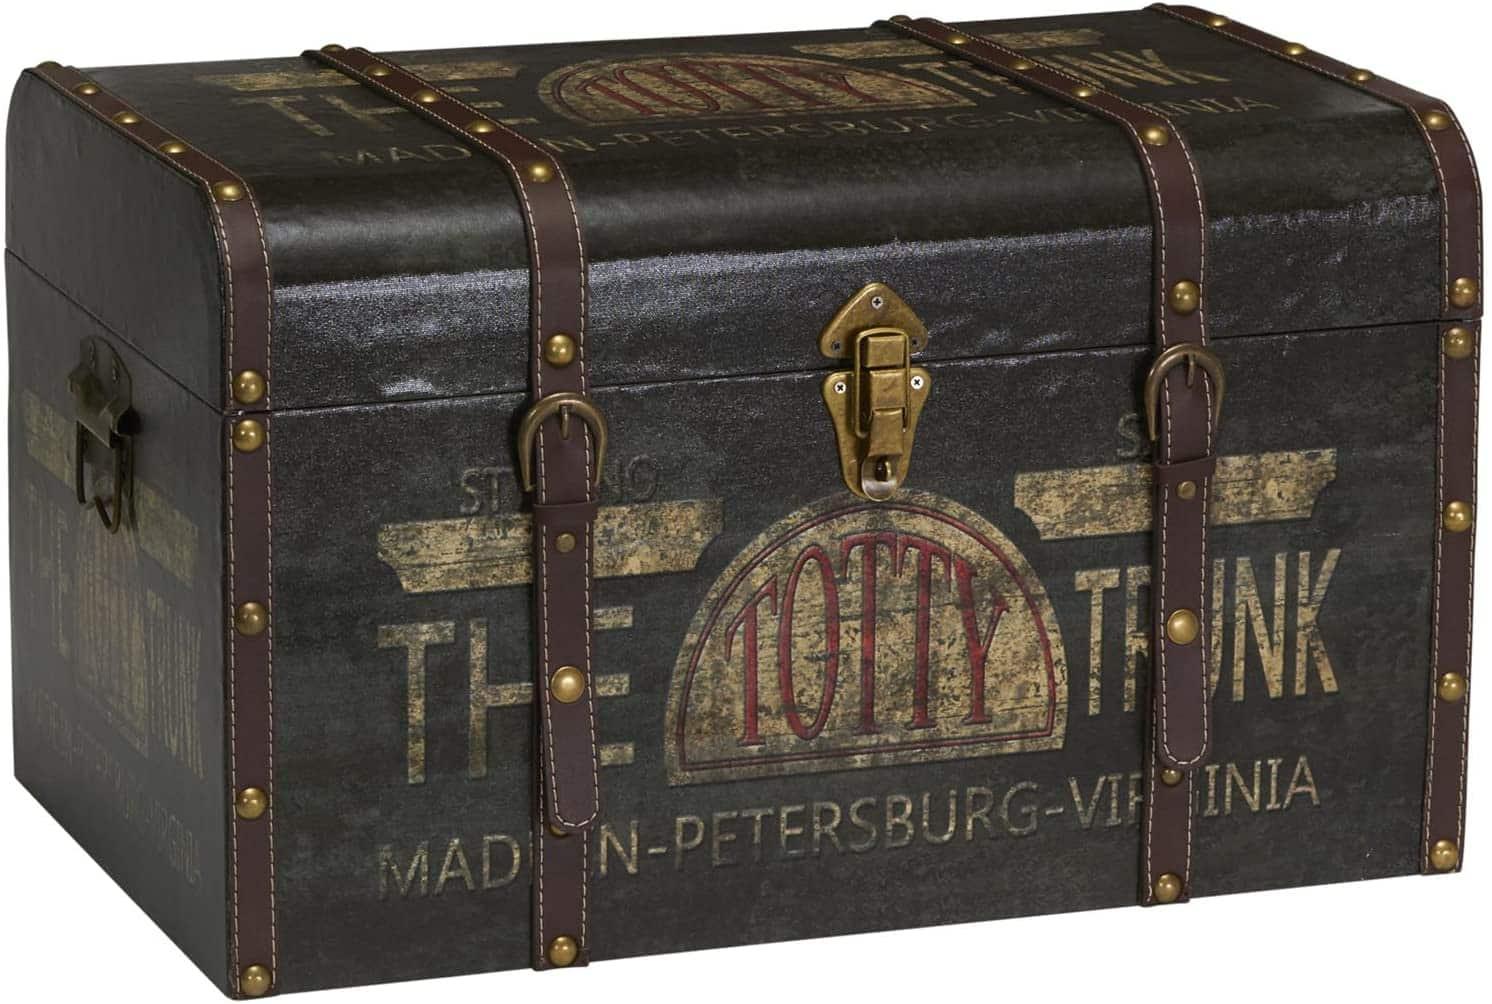 Household Essentials 9243-1 Large Vintage Decorative Home Storage Trunk steampunk storage